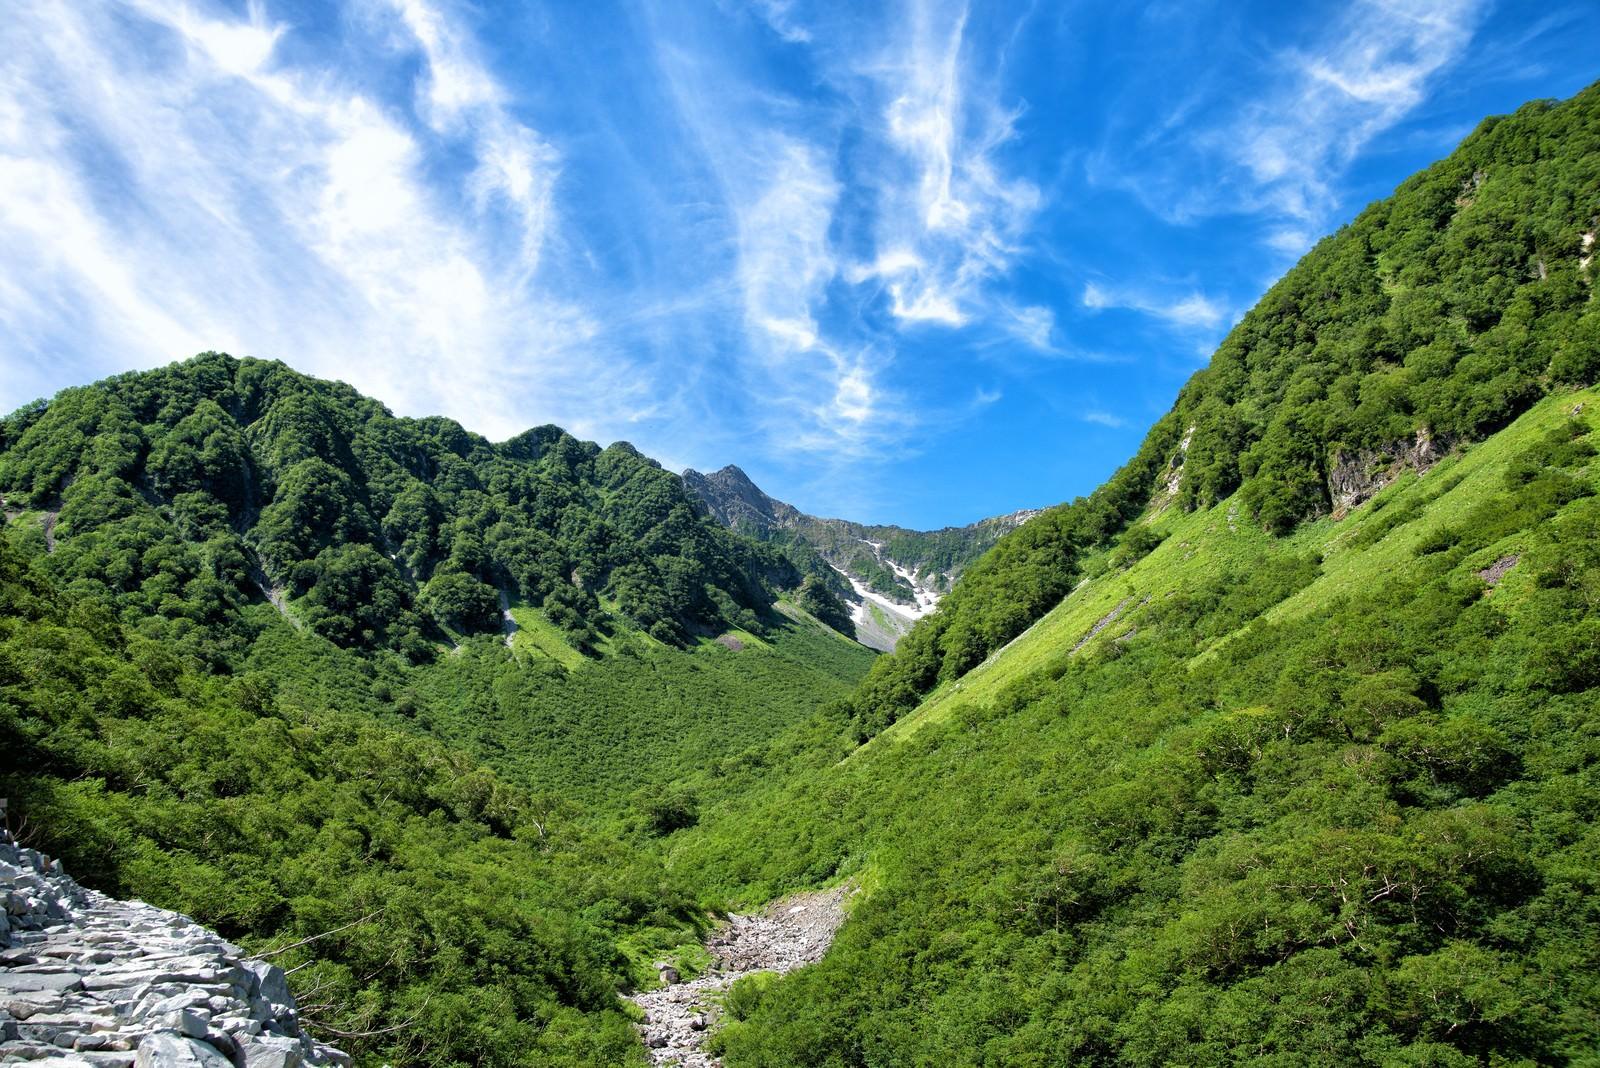 「新緑溢れる山間からかすかに見える涸沢カール」の写真